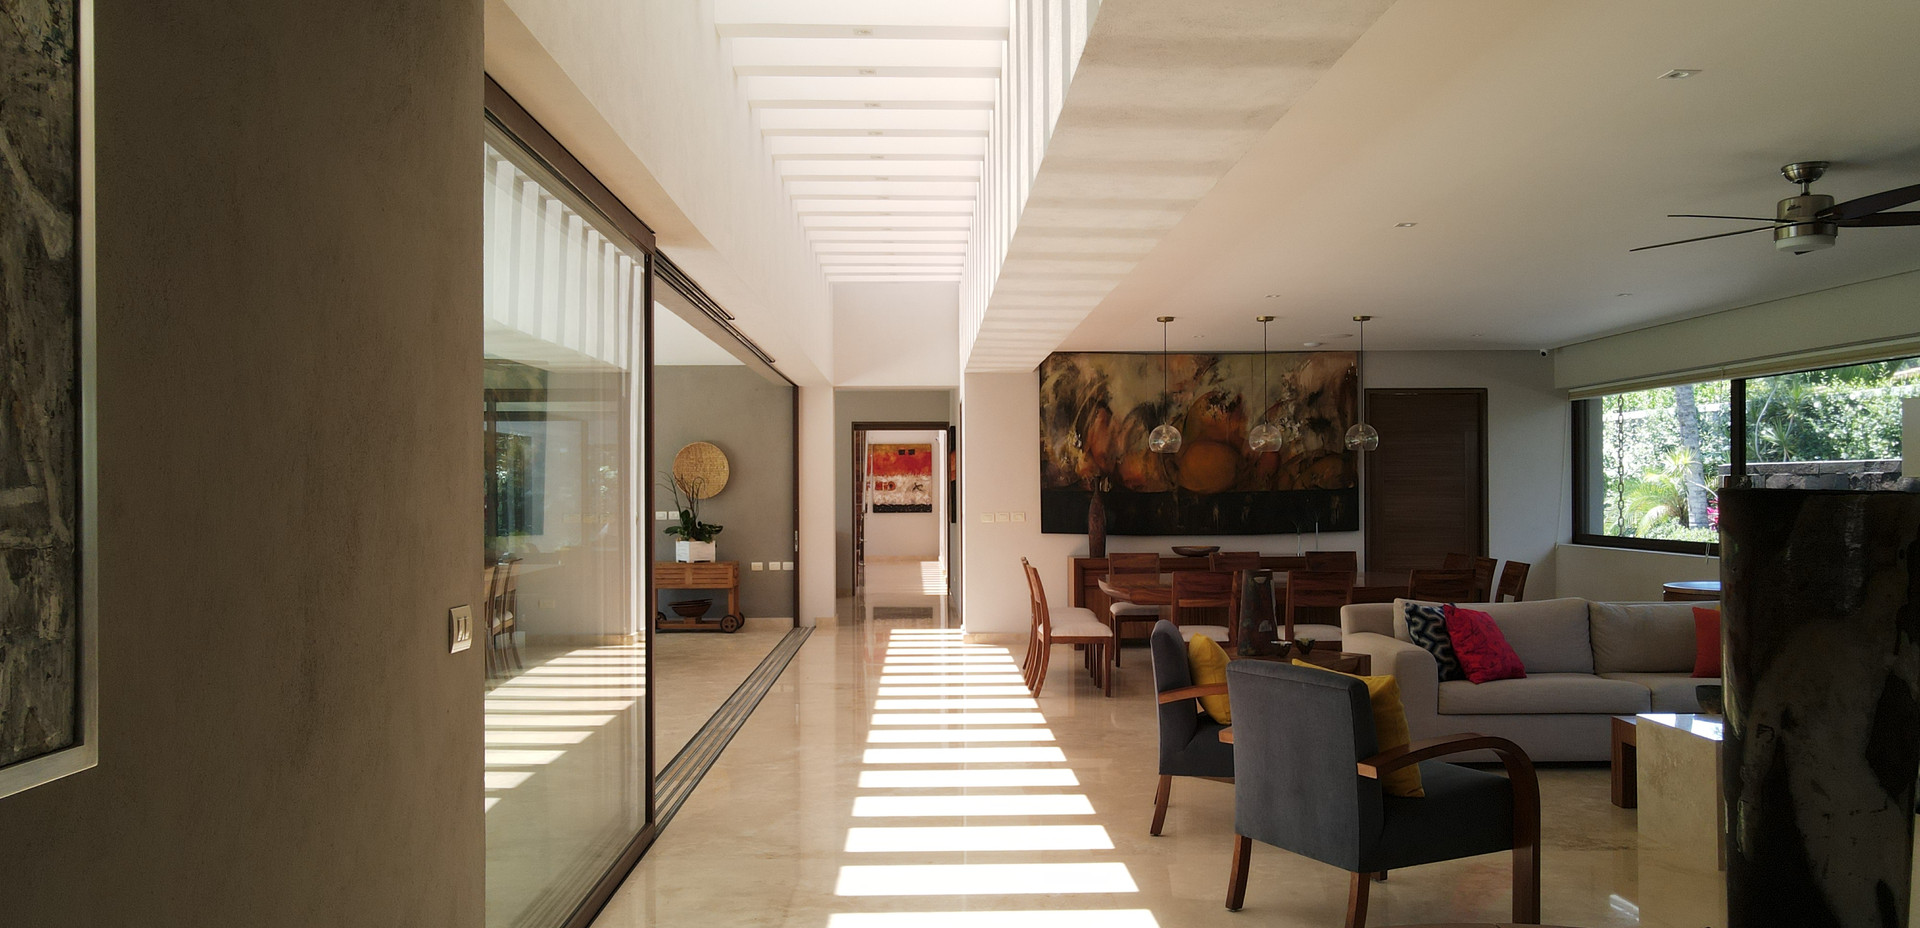 DM Arquitectos-Casa de la Vida 11.JPG